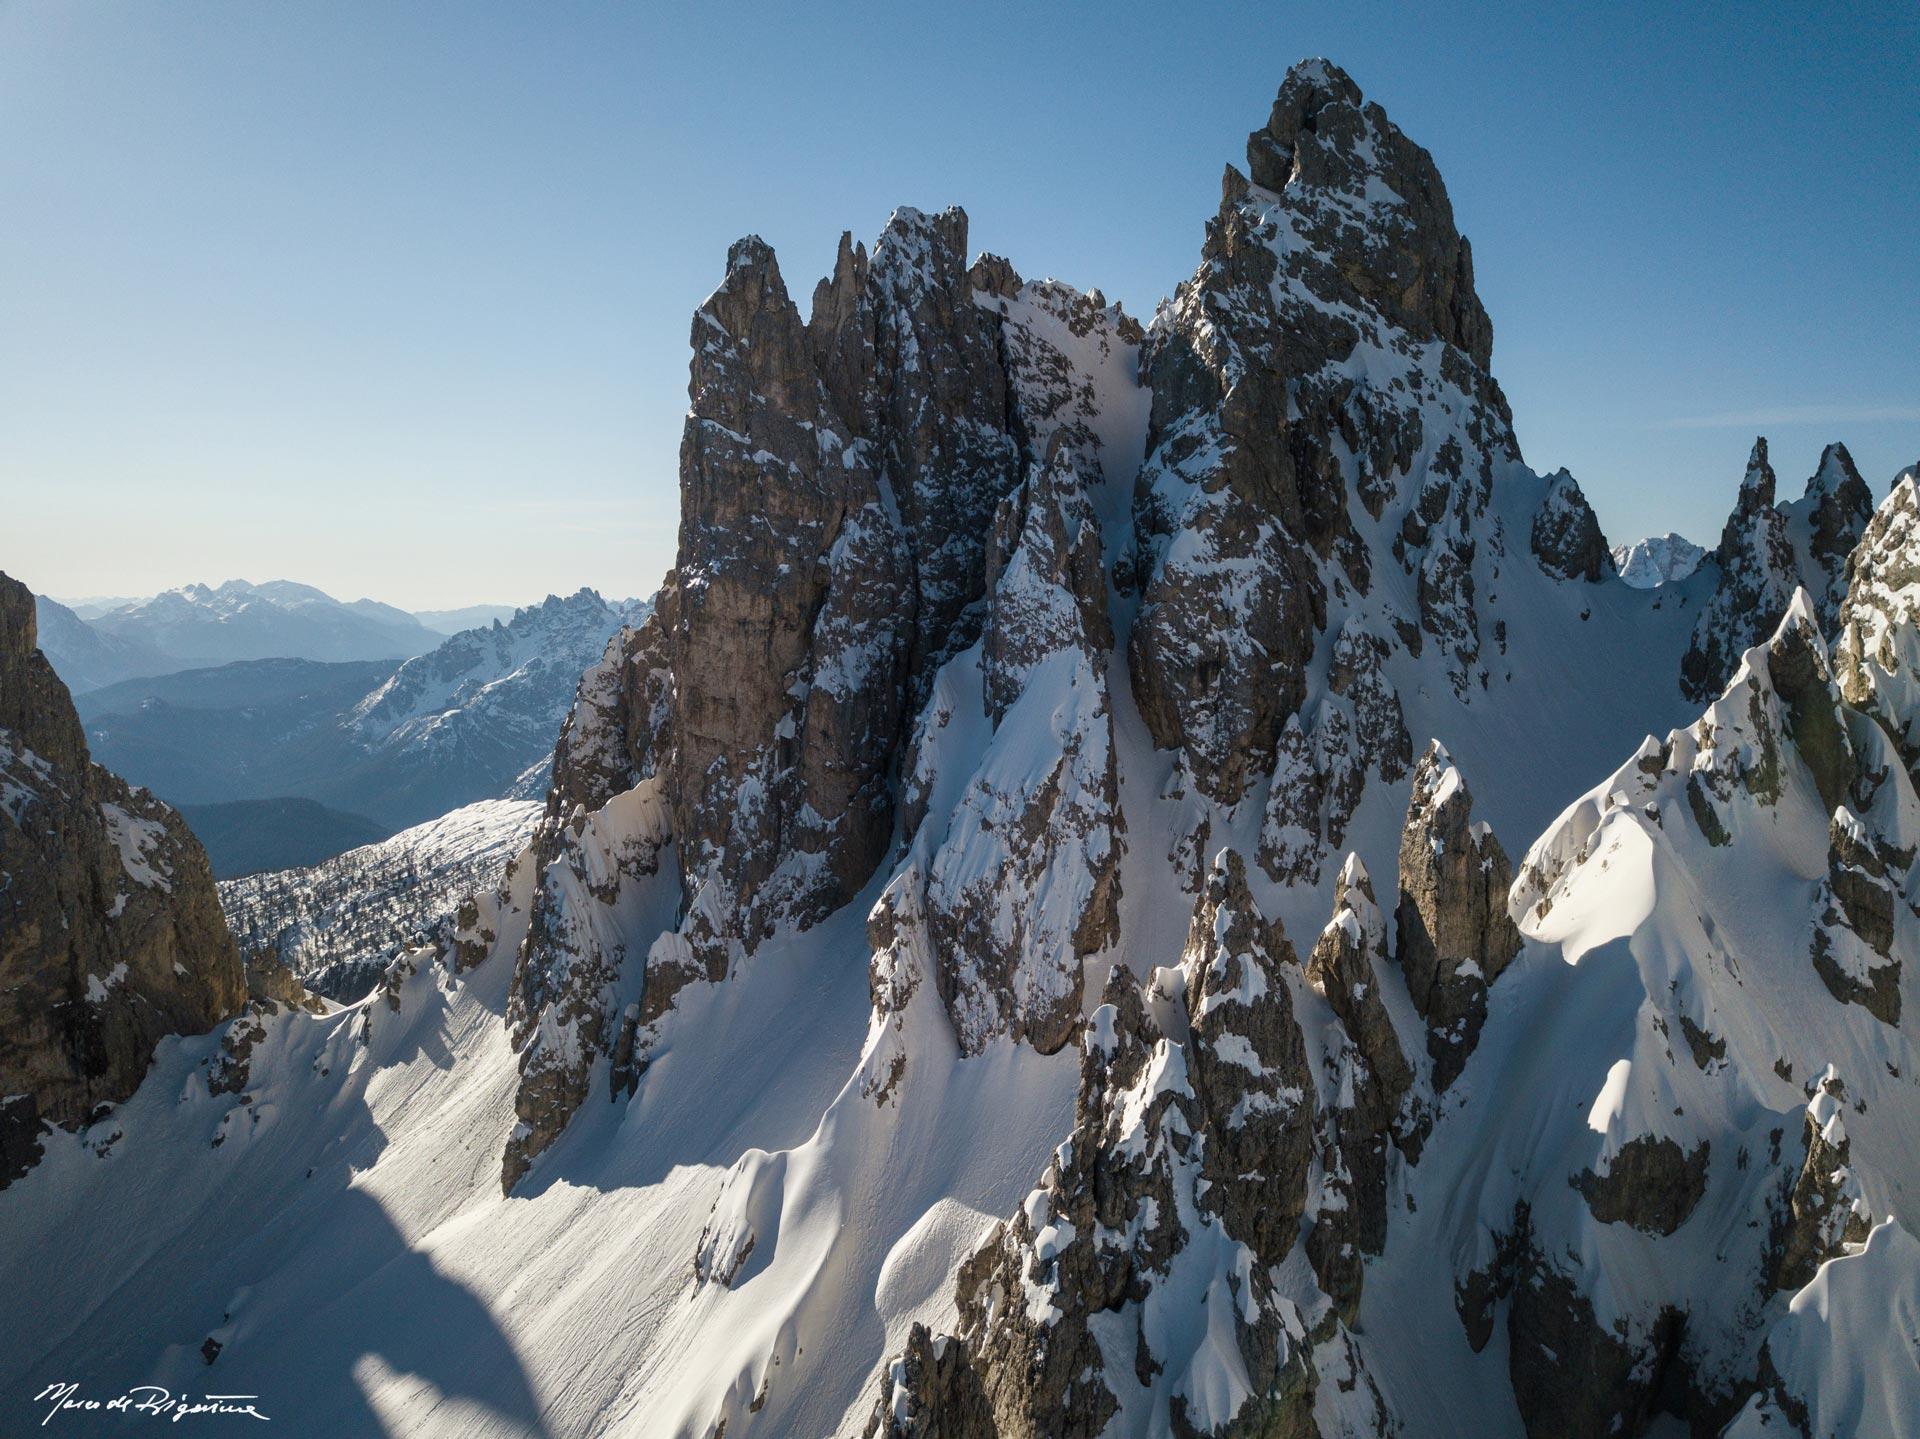 esperienza drone immagine portfolio naturalistica turismo promozione territorio italia cortina ampezzo misurina cadini.jpg